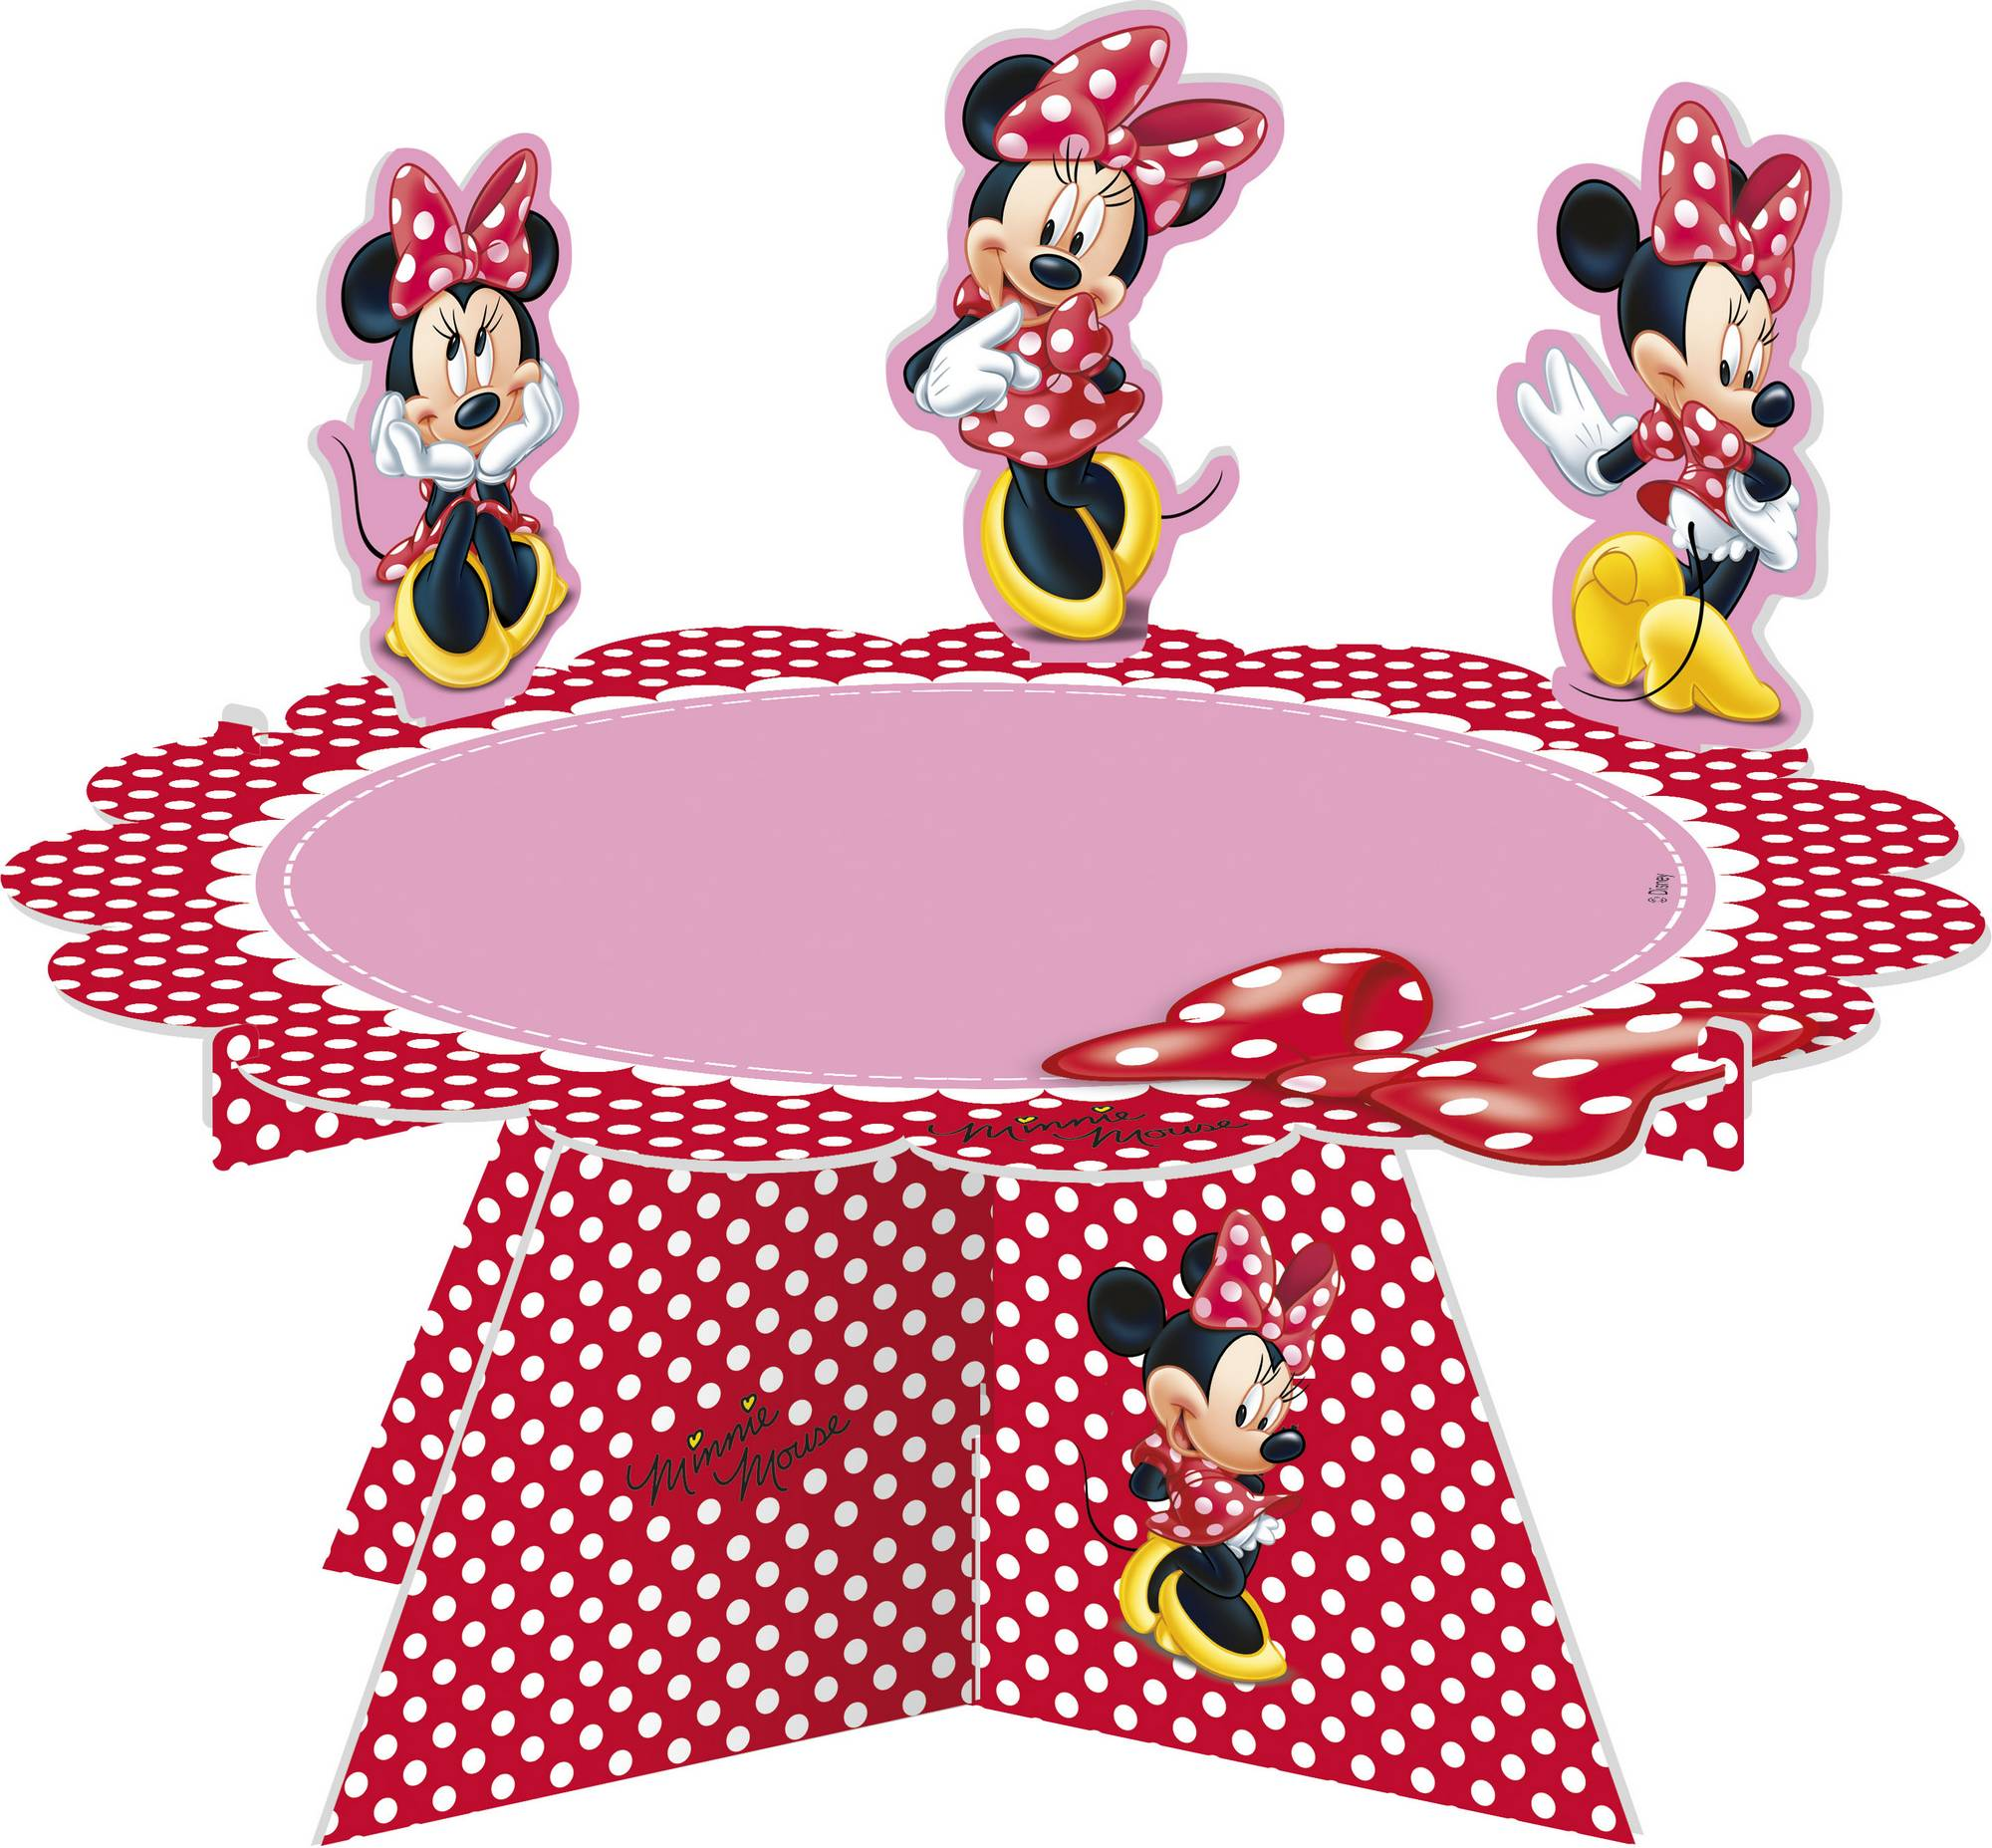 Minnie maus kuchen platte partydeko und g nstige for Kuchen wand platte